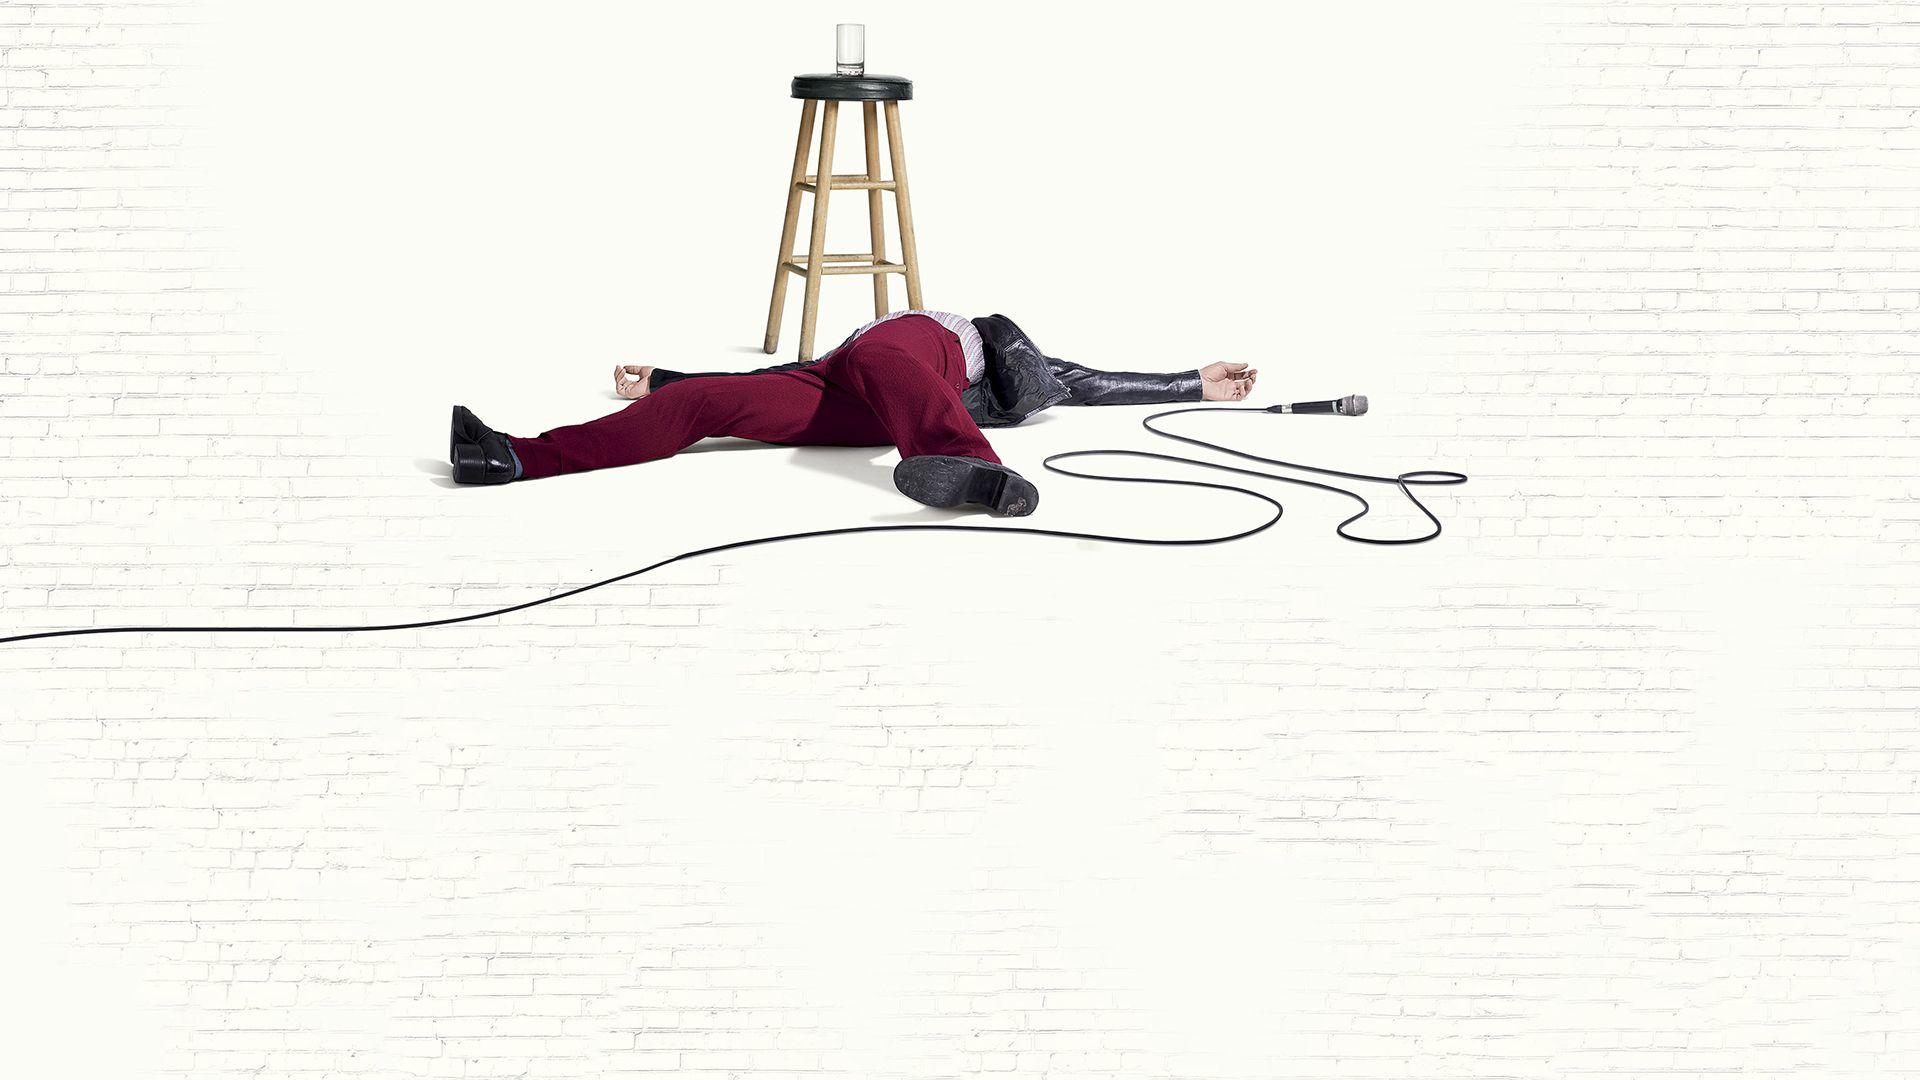 La saison 2 de I'm Dying Up Here, la série produite par Jim Carrey, est à suivre actuellement sur CANAL+SERIES et myCANAL